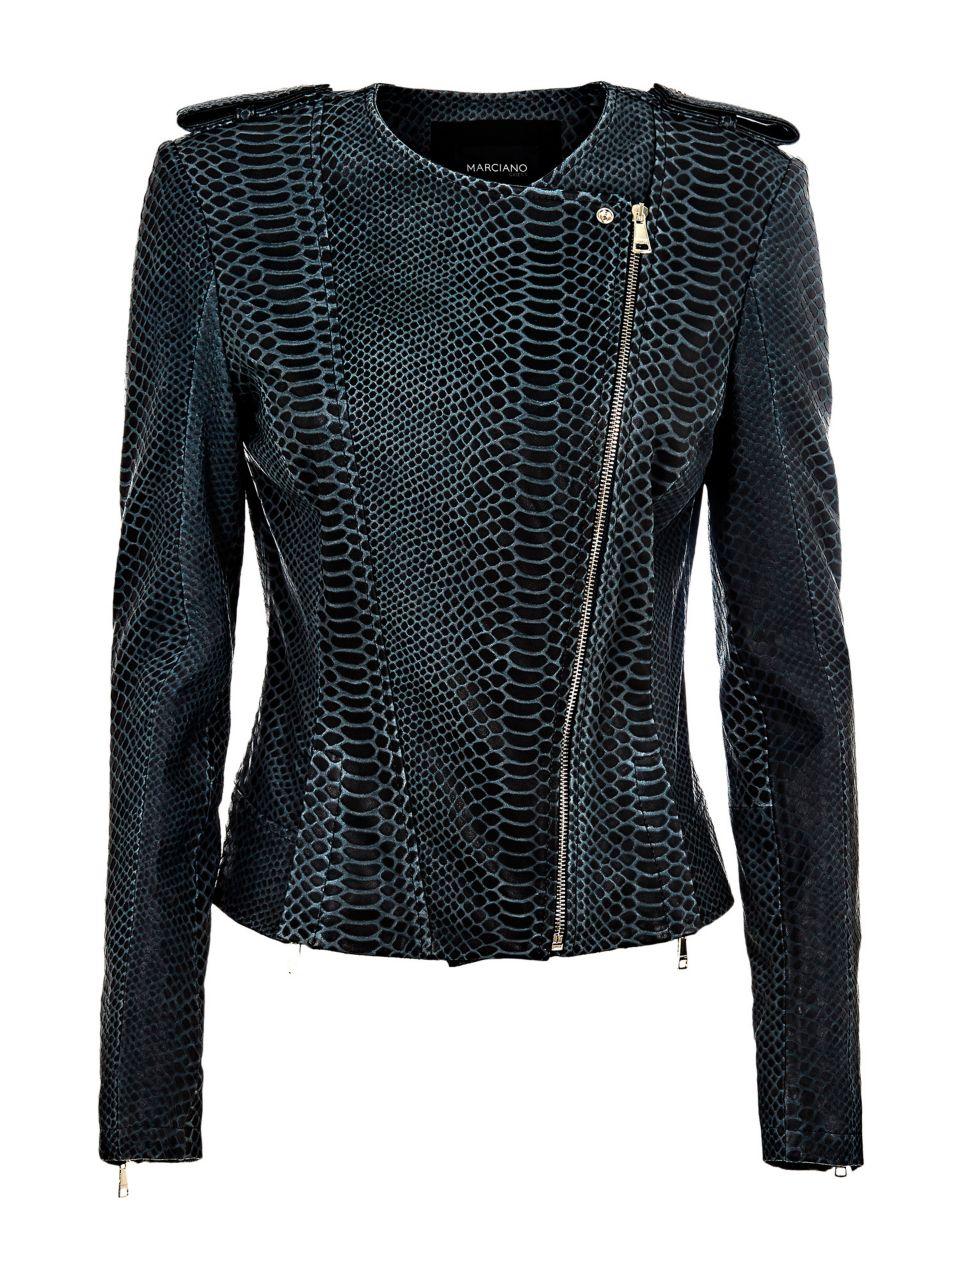 cheaper 344d7 b3a05 Moda Donna Collezione Guess autunno inverno 2016 il ...